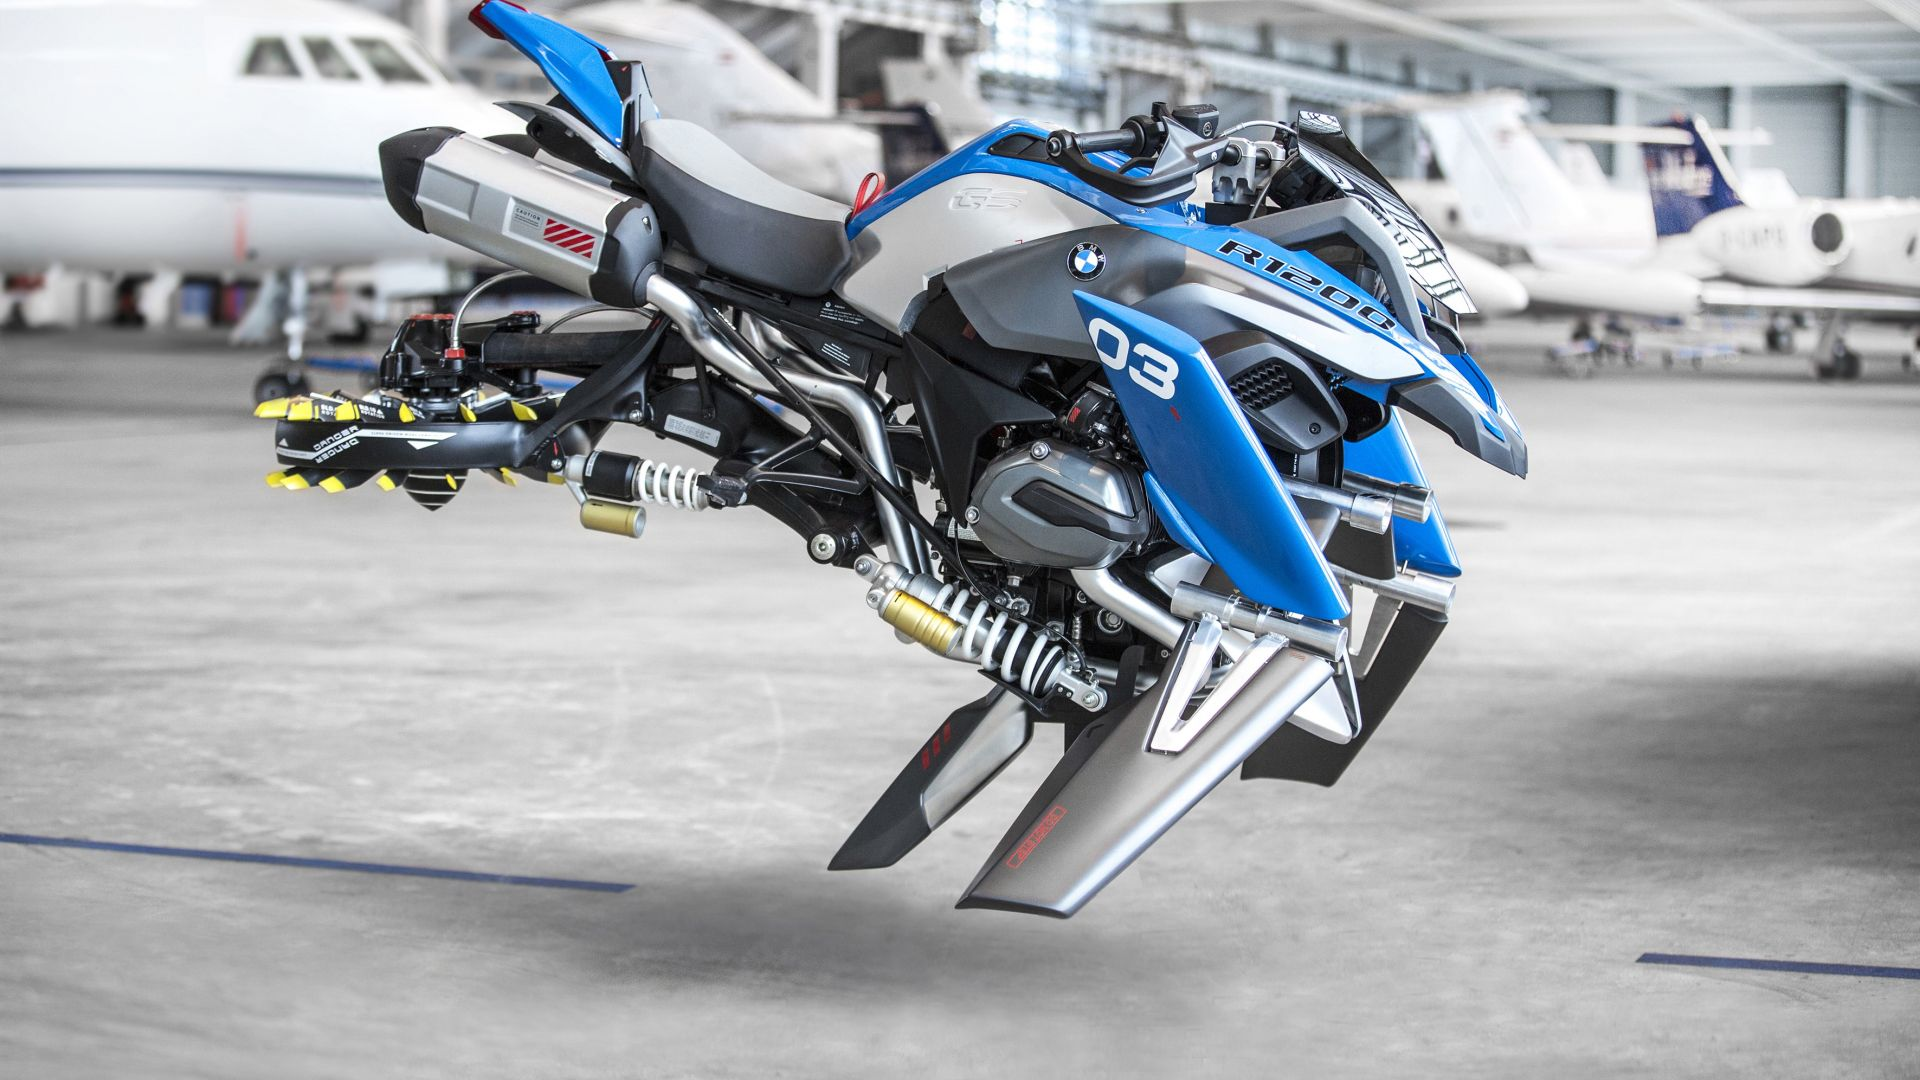 concept bike bmw motorrad e lego technic ecco la r 1200. Black Bedroom Furniture Sets. Home Design Ideas